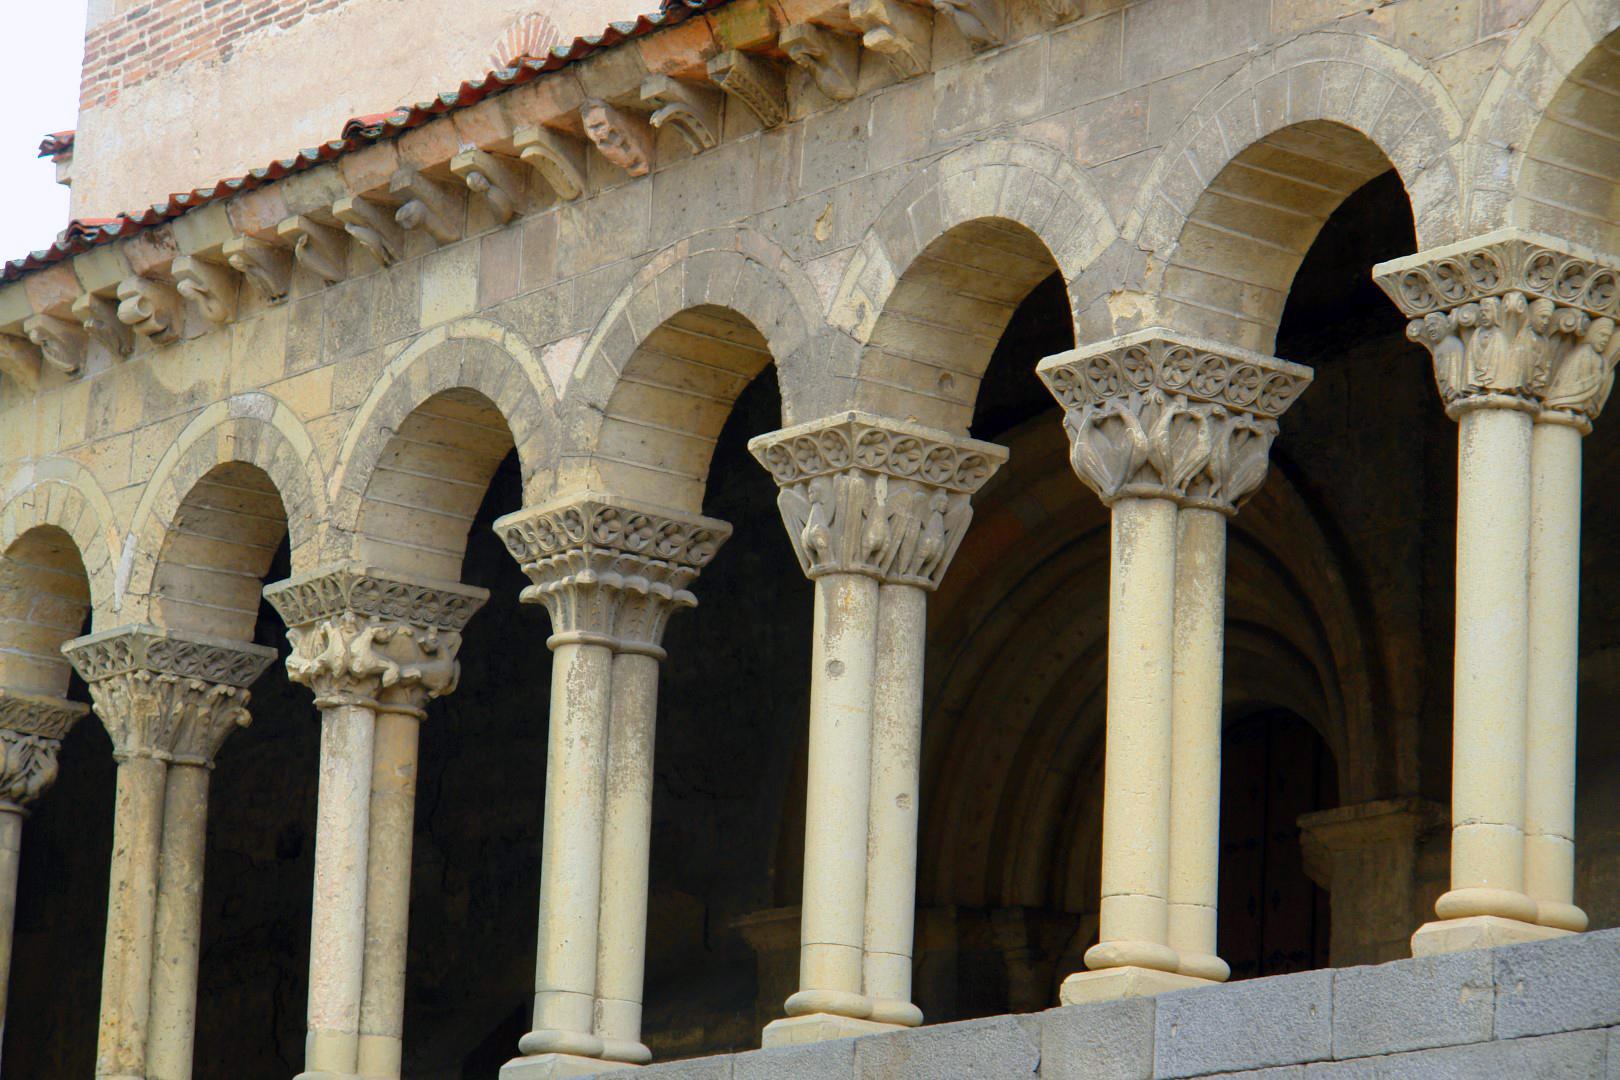 Qué ver Segovia, España qué ver en segovia - 31097725175 f9b696f26e o - Qué ver en Segovia, España